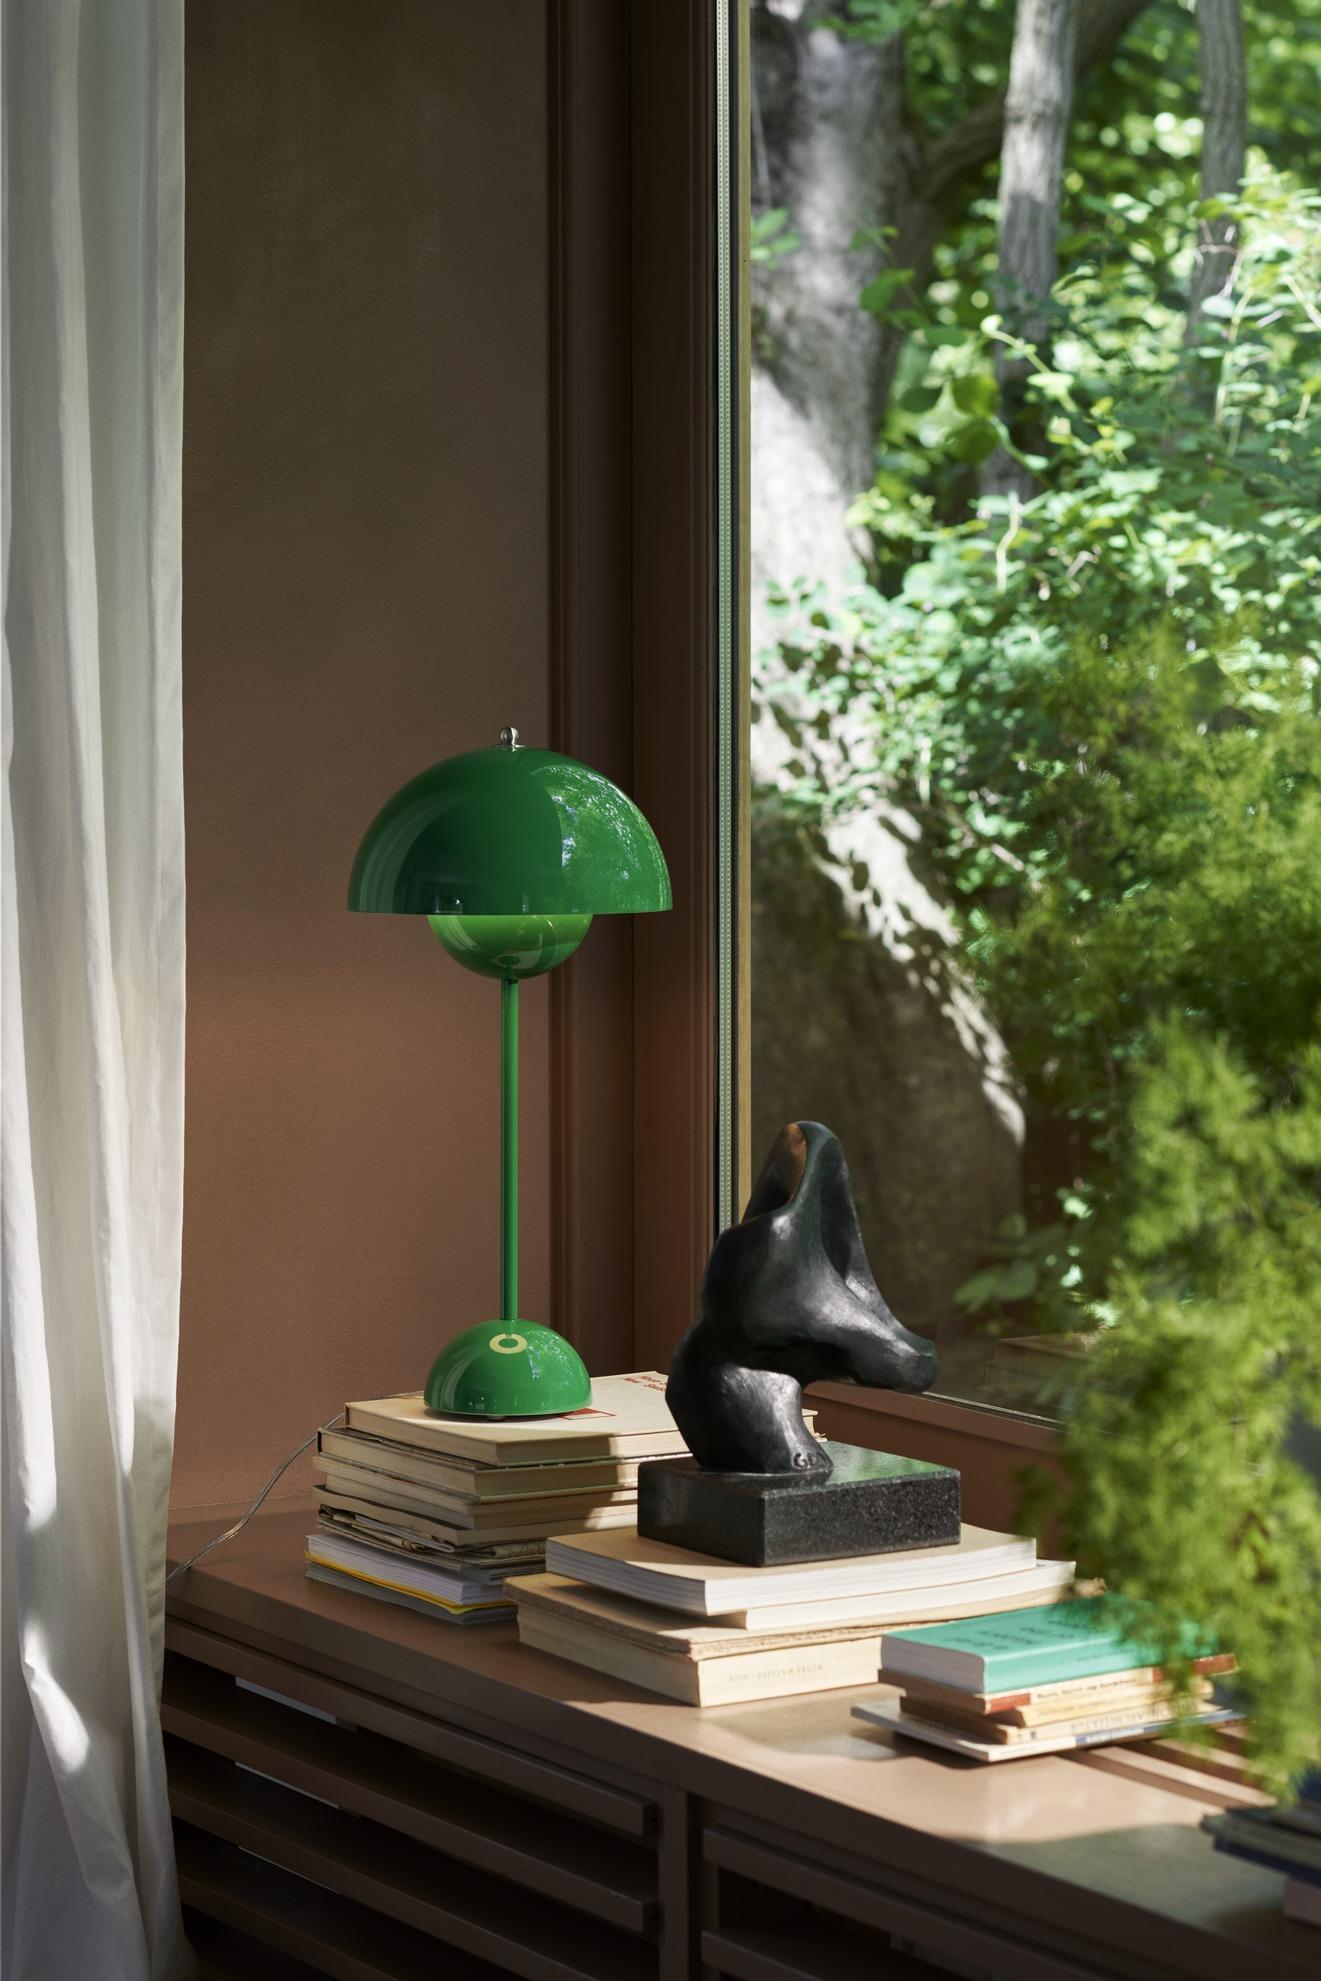 Flowerpot in Signal Green